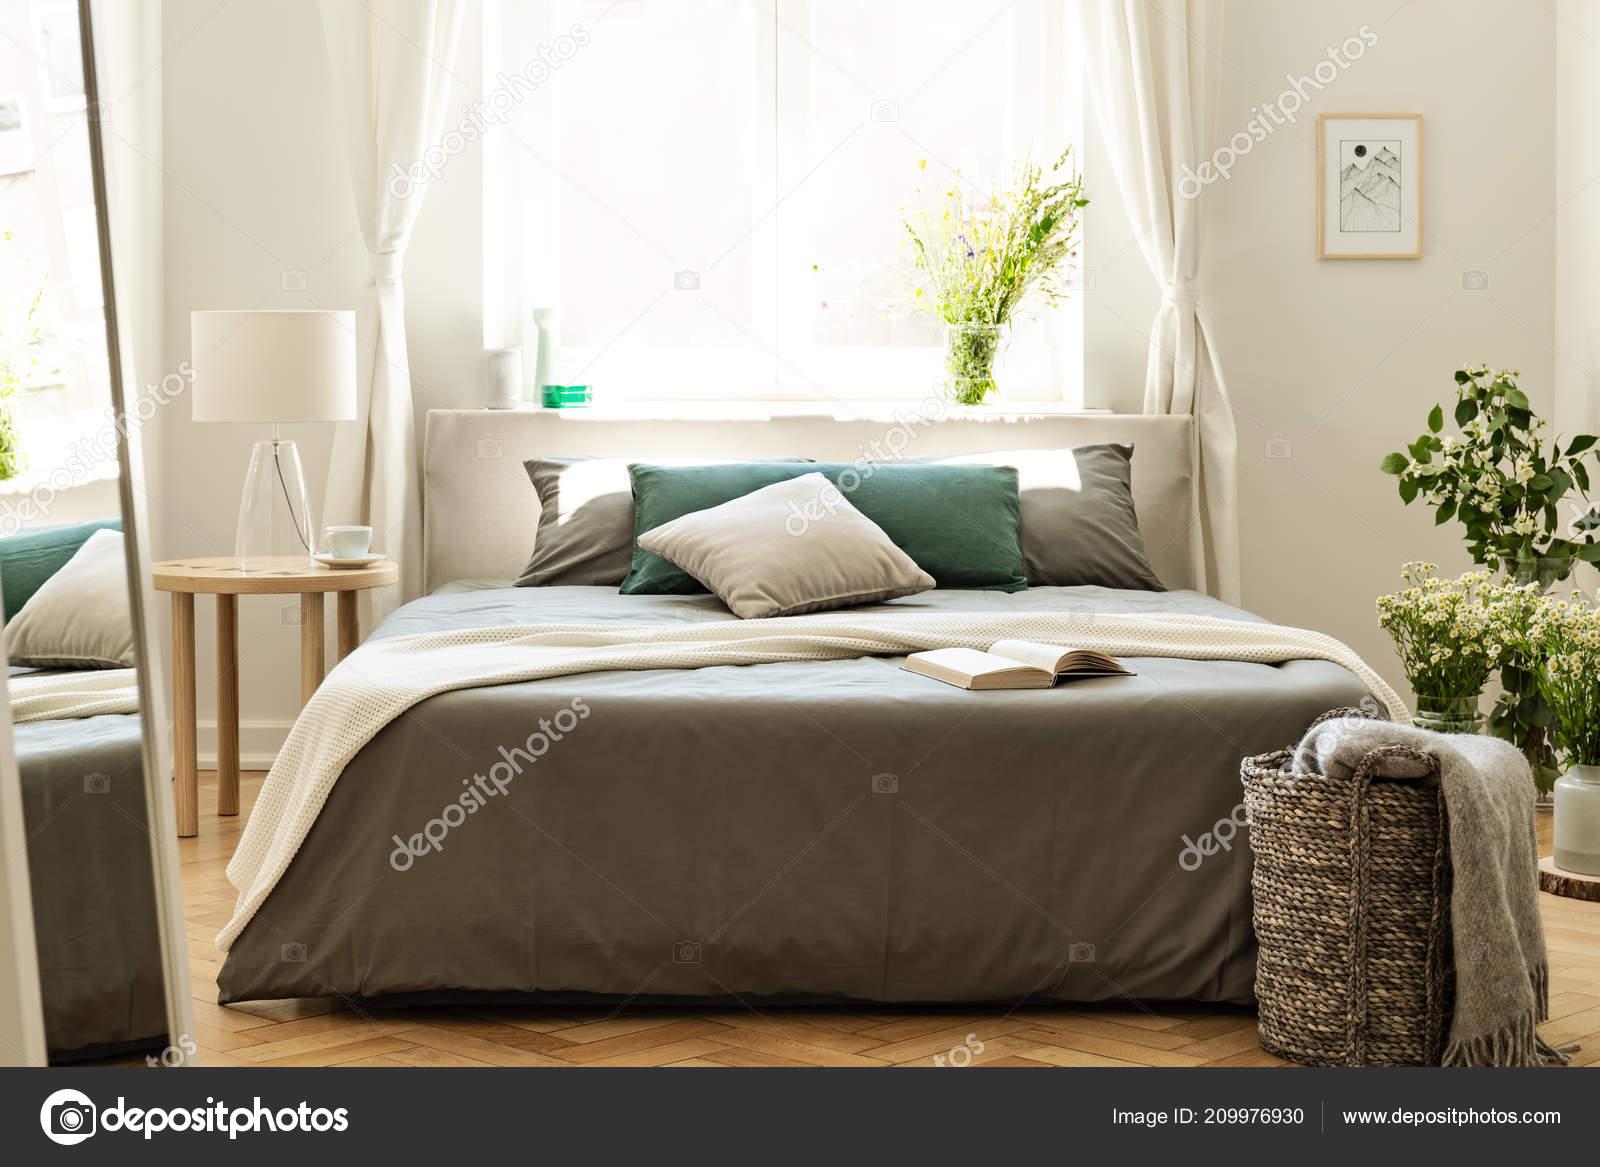 Decke Und Kissen Bett Schlafzimmer Innenraum Mit Spiegel ...